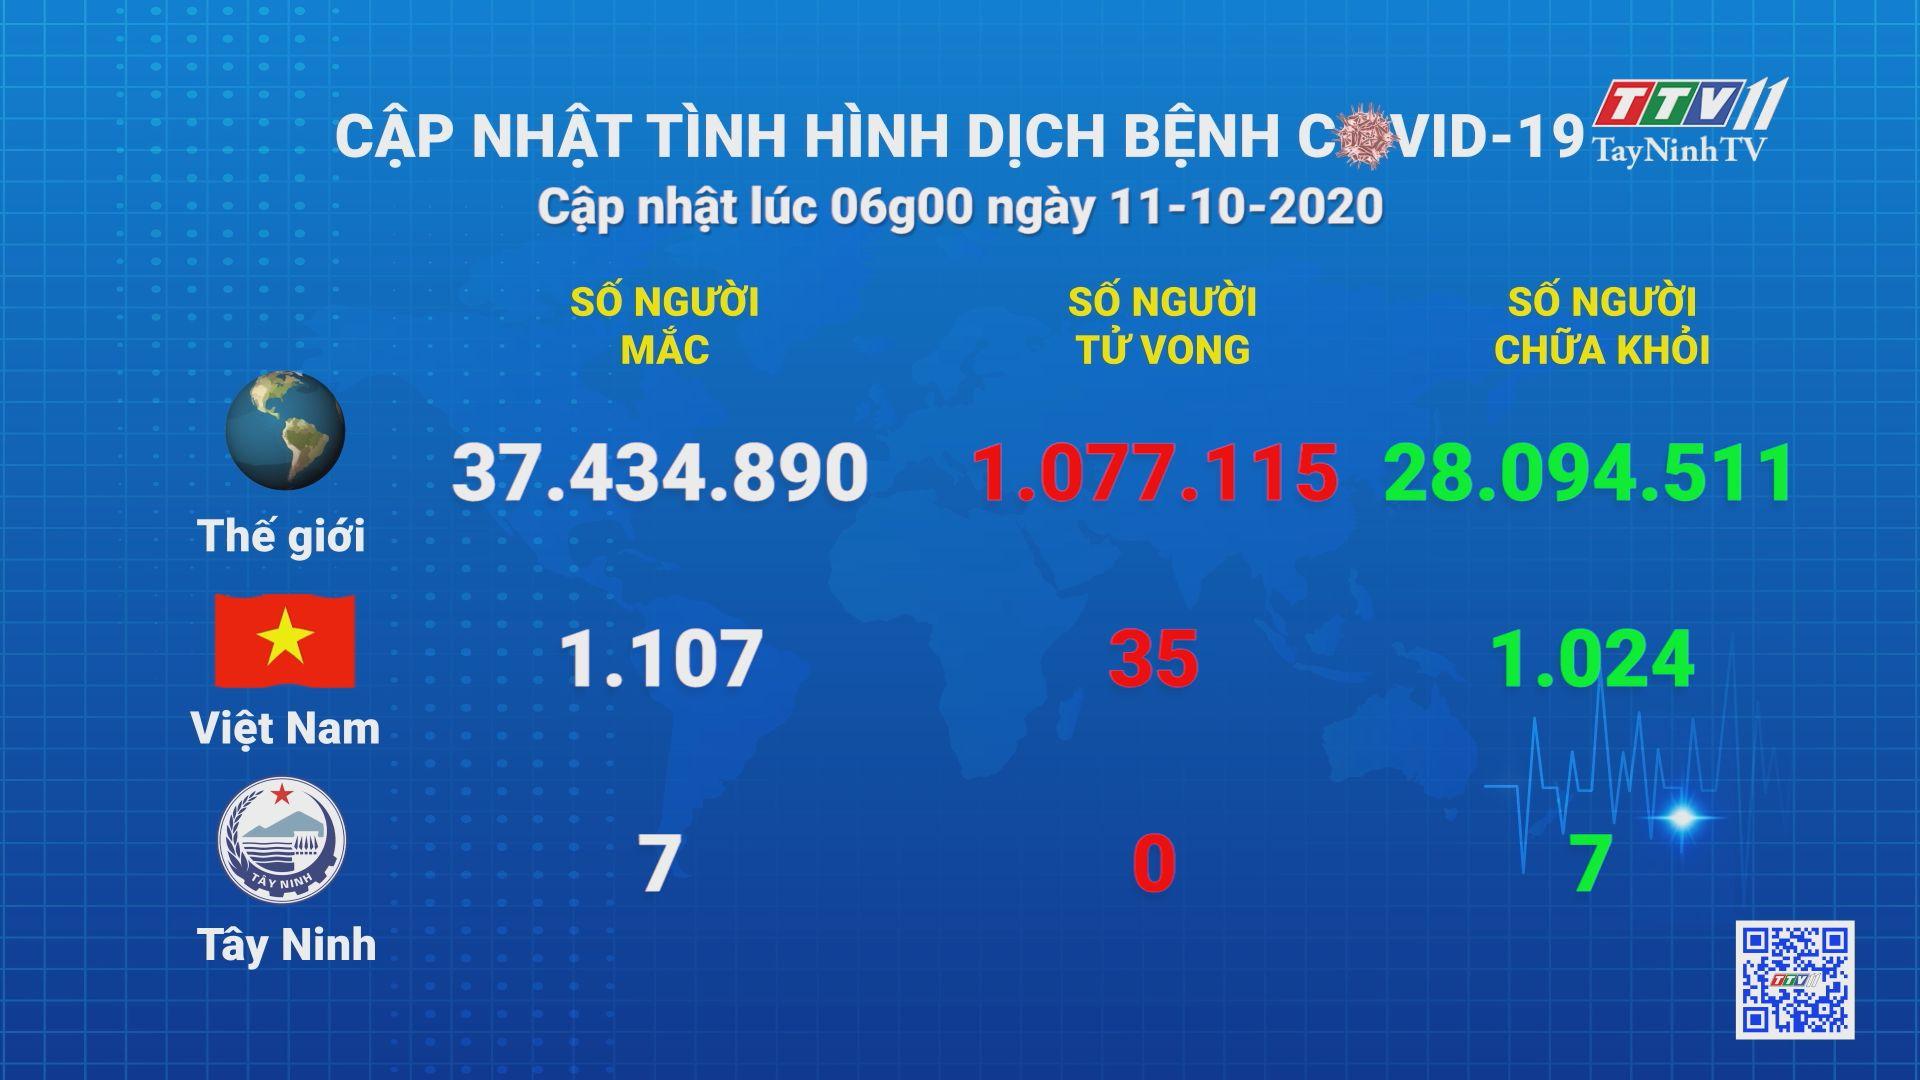 Cập nhật tình hình Covid-19 vào lúc 6 giờ 11-10-2020 | Thông tin dịch Covid-19 | TayNinhTV